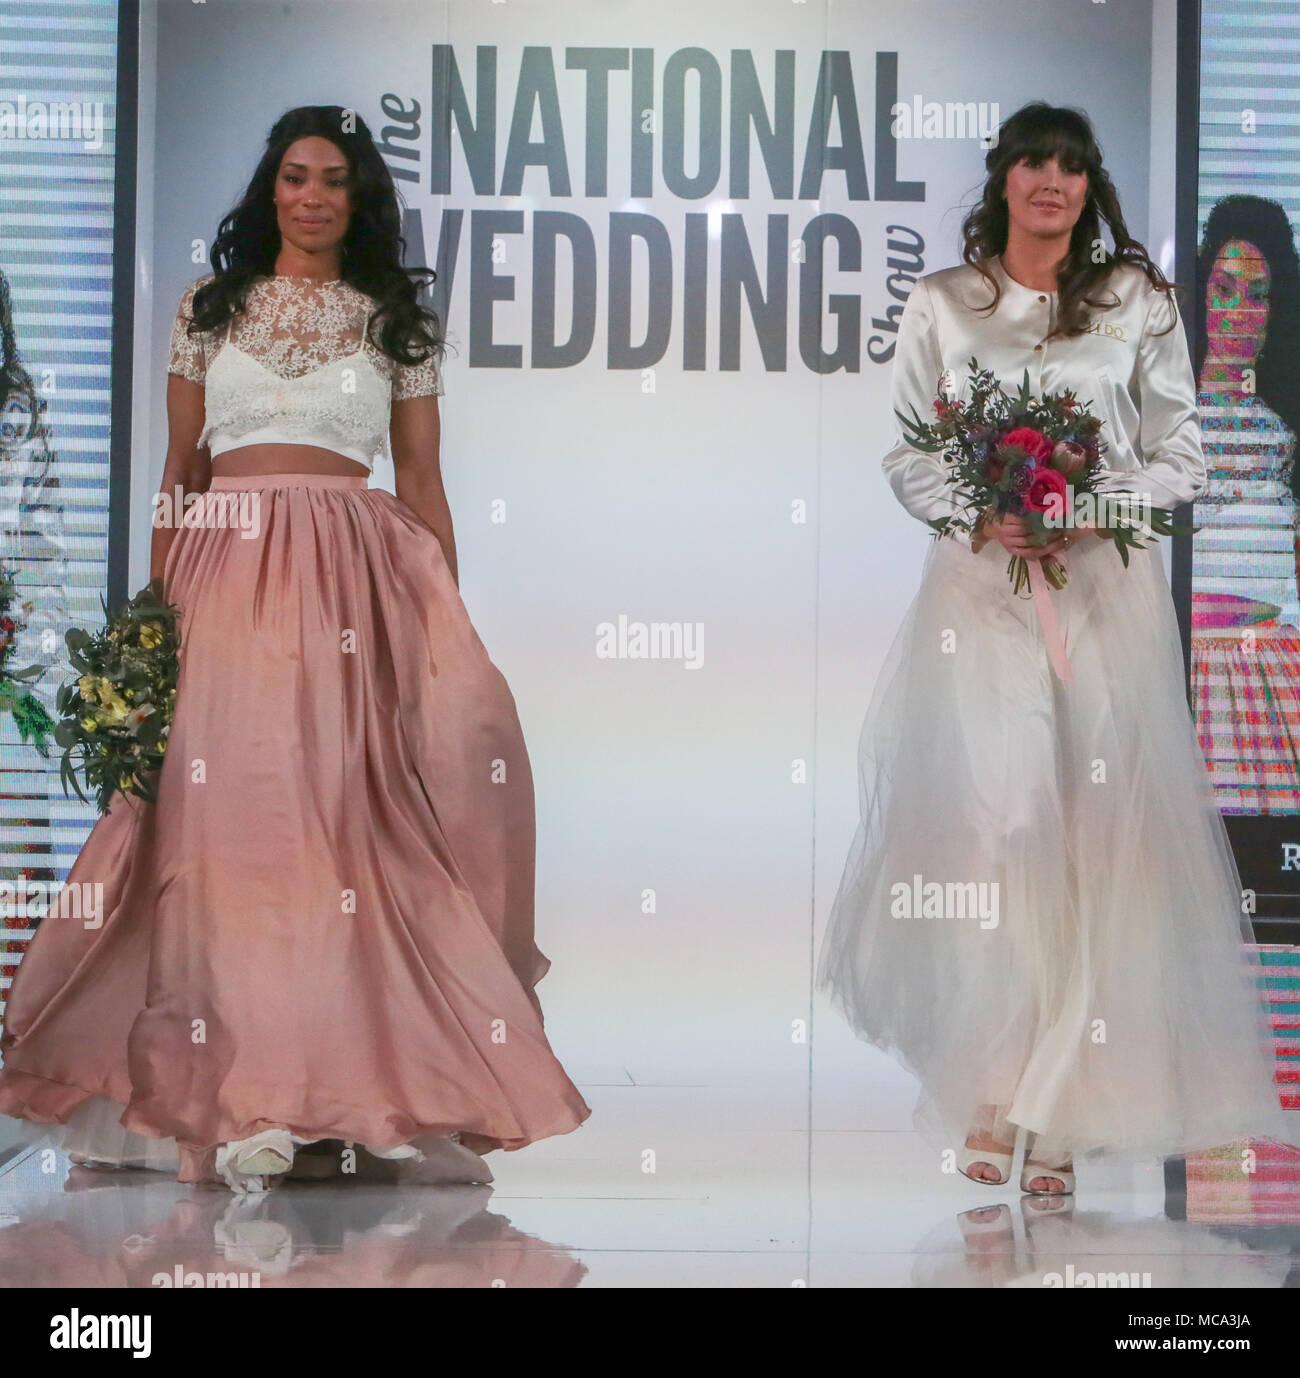 Ausgezeichnet Outfits Für Hochzeiten Uk Galerie - Brautkleider Ideen ...